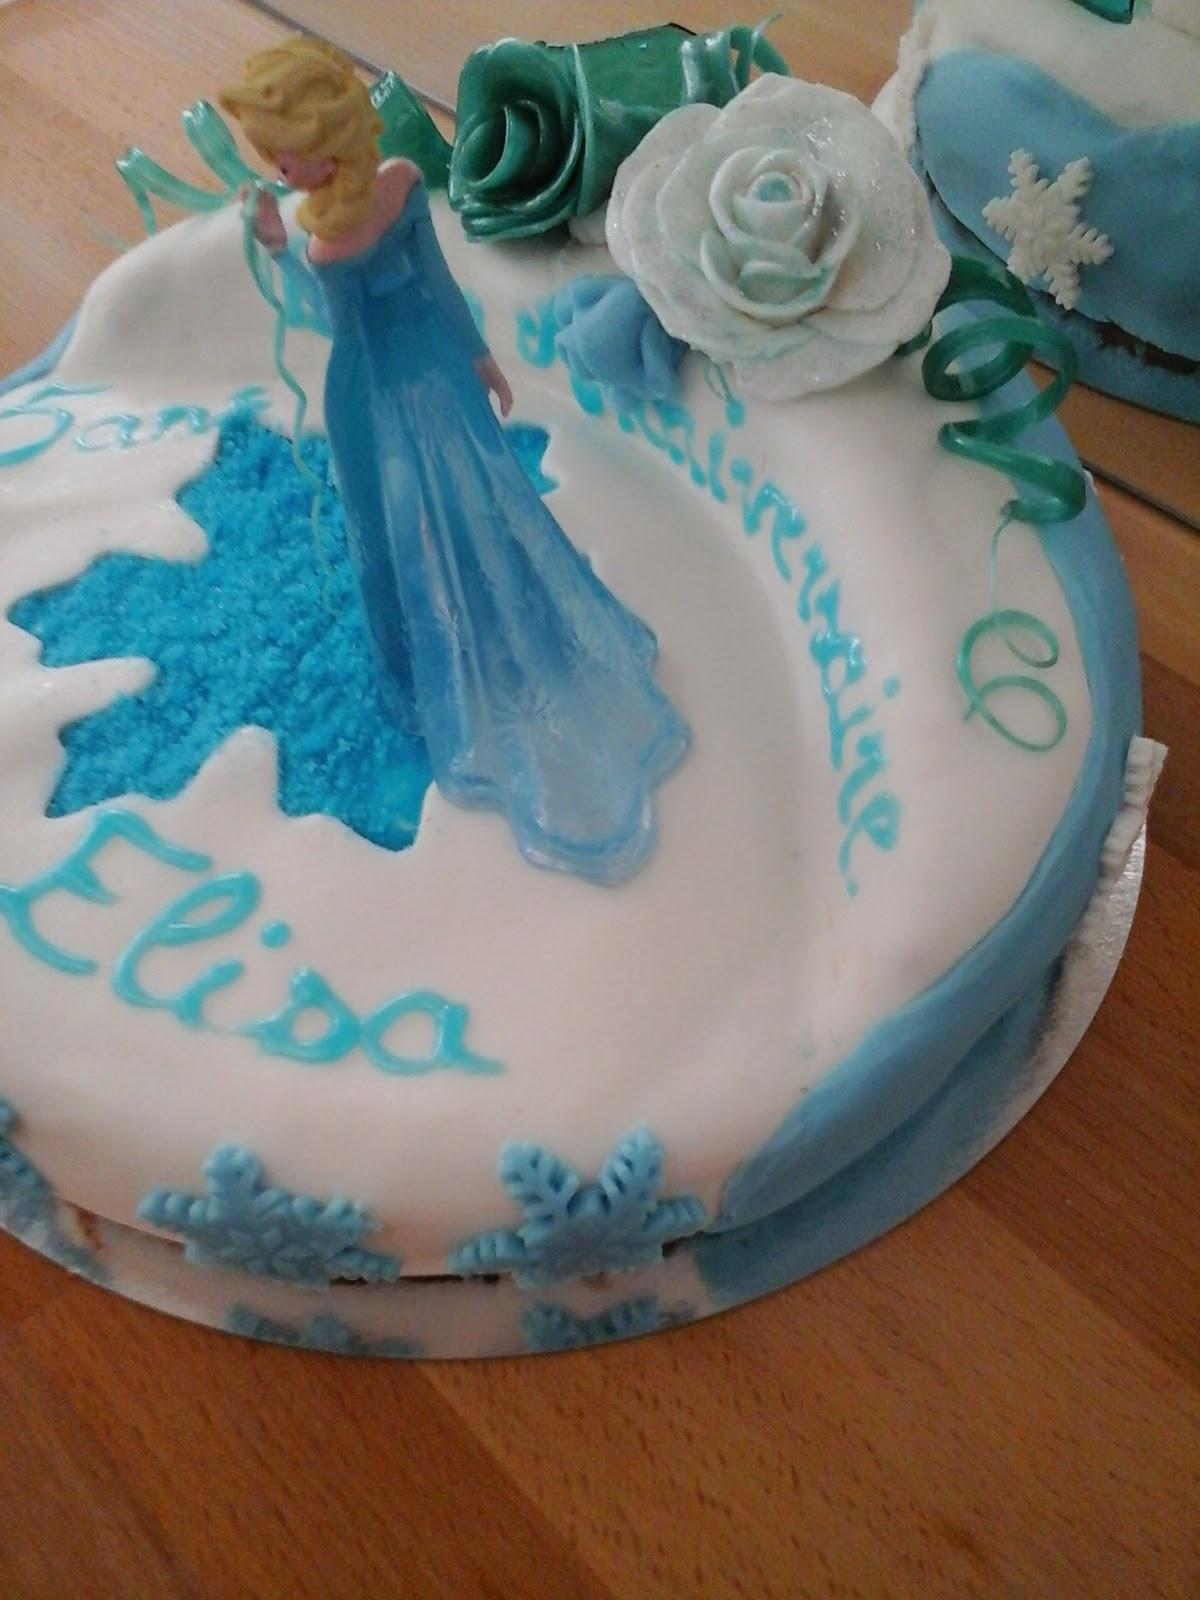 gateau reine des neiges, pâte à sucre, sucre bleu, rose givrée, sucre tiré